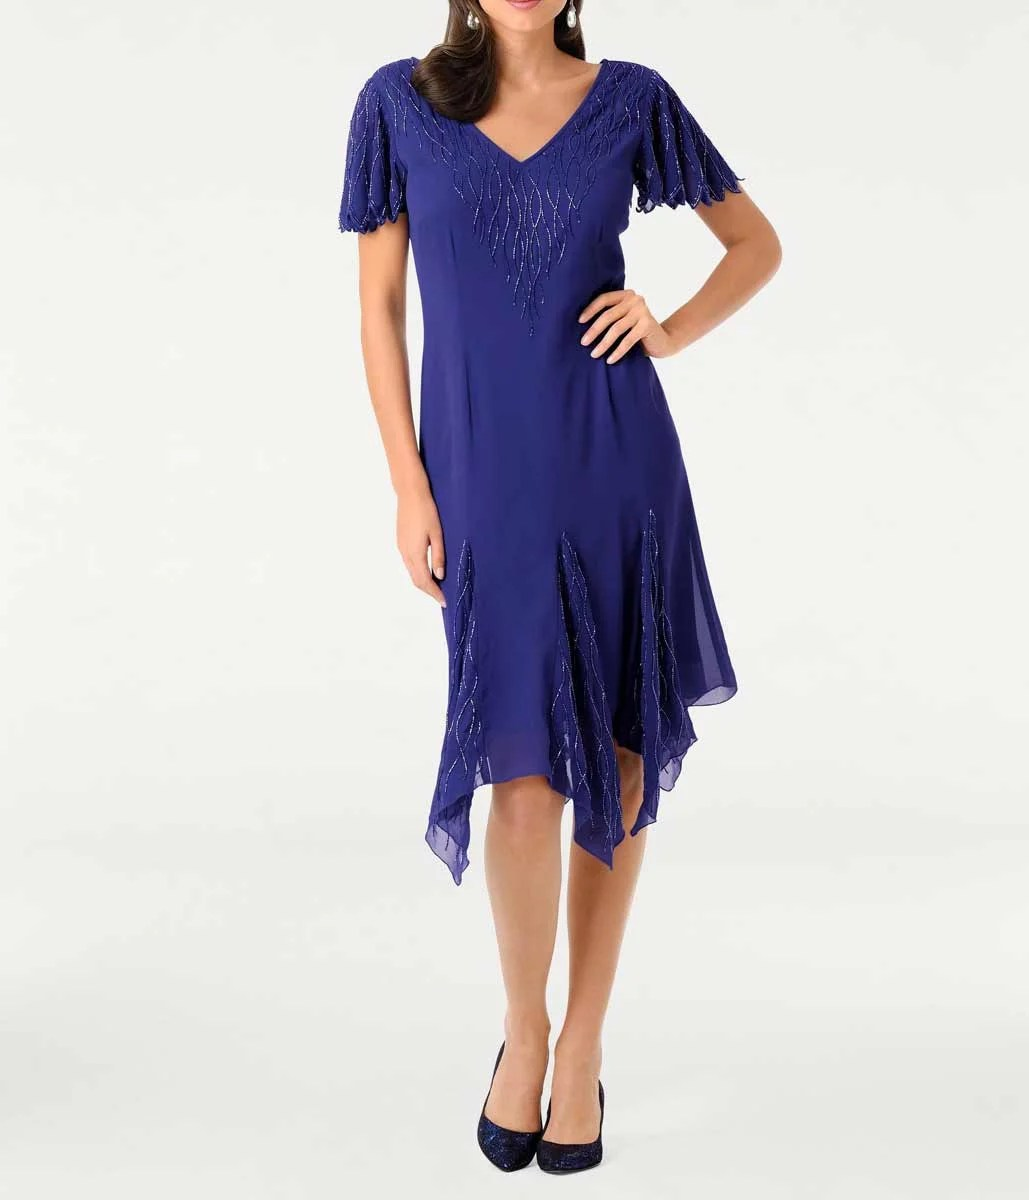 kurzes kleid für besondere anlässe ASHLEY BROOKE Damen Designer-Cocktailkleid m. Perlen Blau 085.143 Missforty